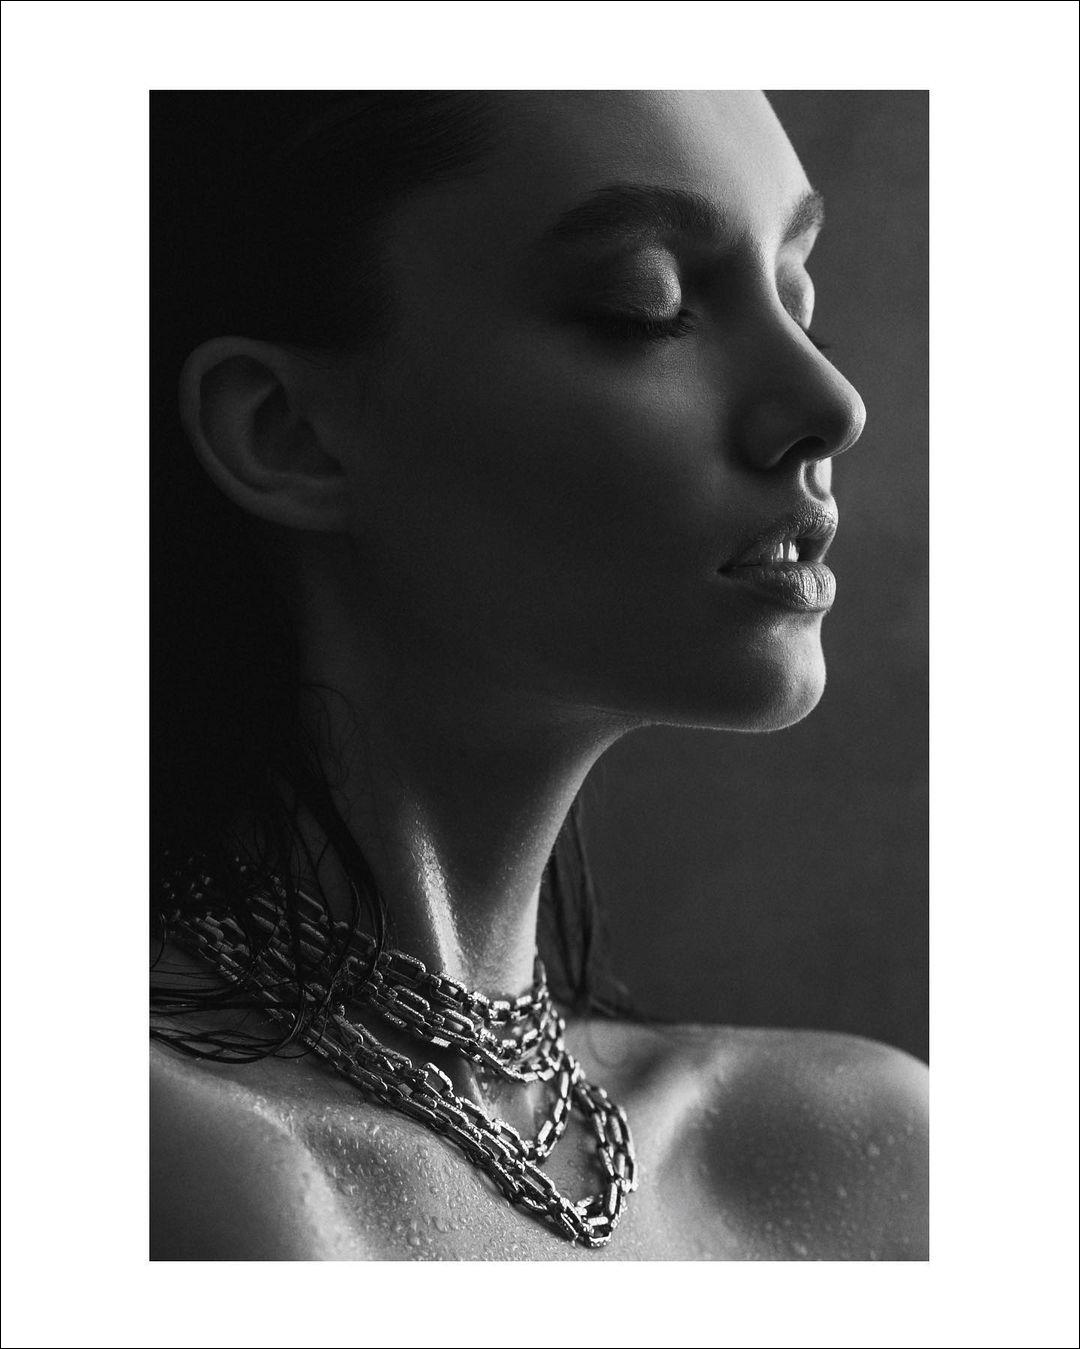 Polina Litvinova by Olga Mordach